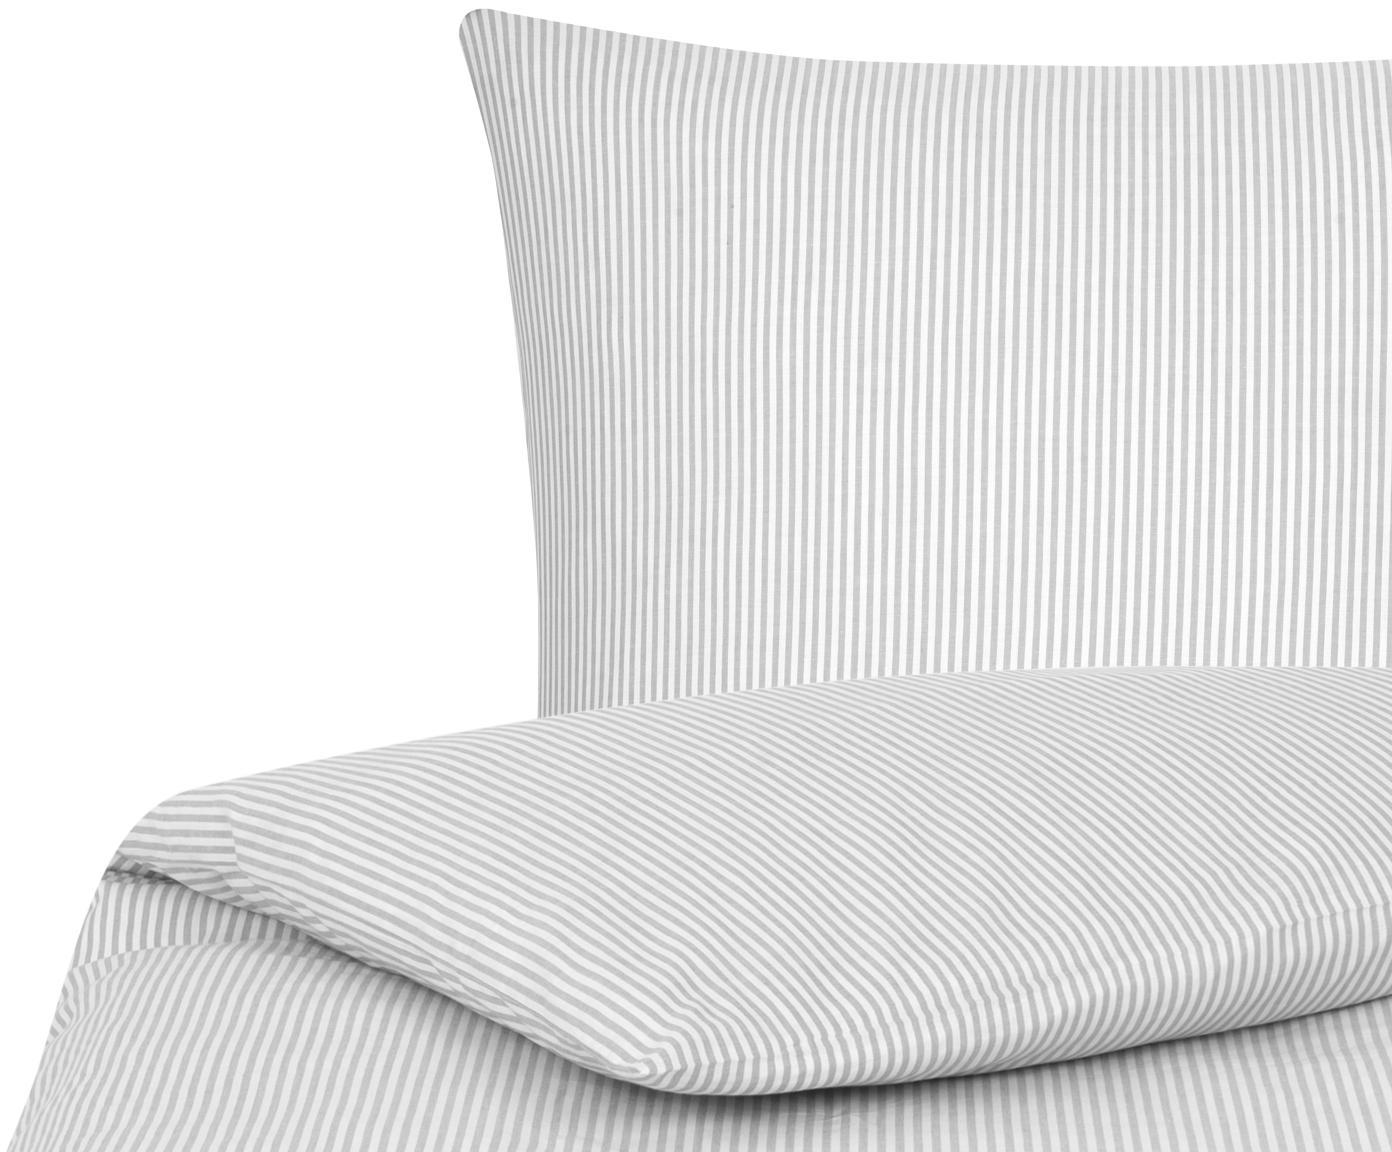 Baumwoll-Bettwäsche Ellie, fein gestreift, Webart: Renforcé Fadendichte 118 , Weiß, Grau, 135 x 200 cm + 1 Kissen 80 x 80 cm